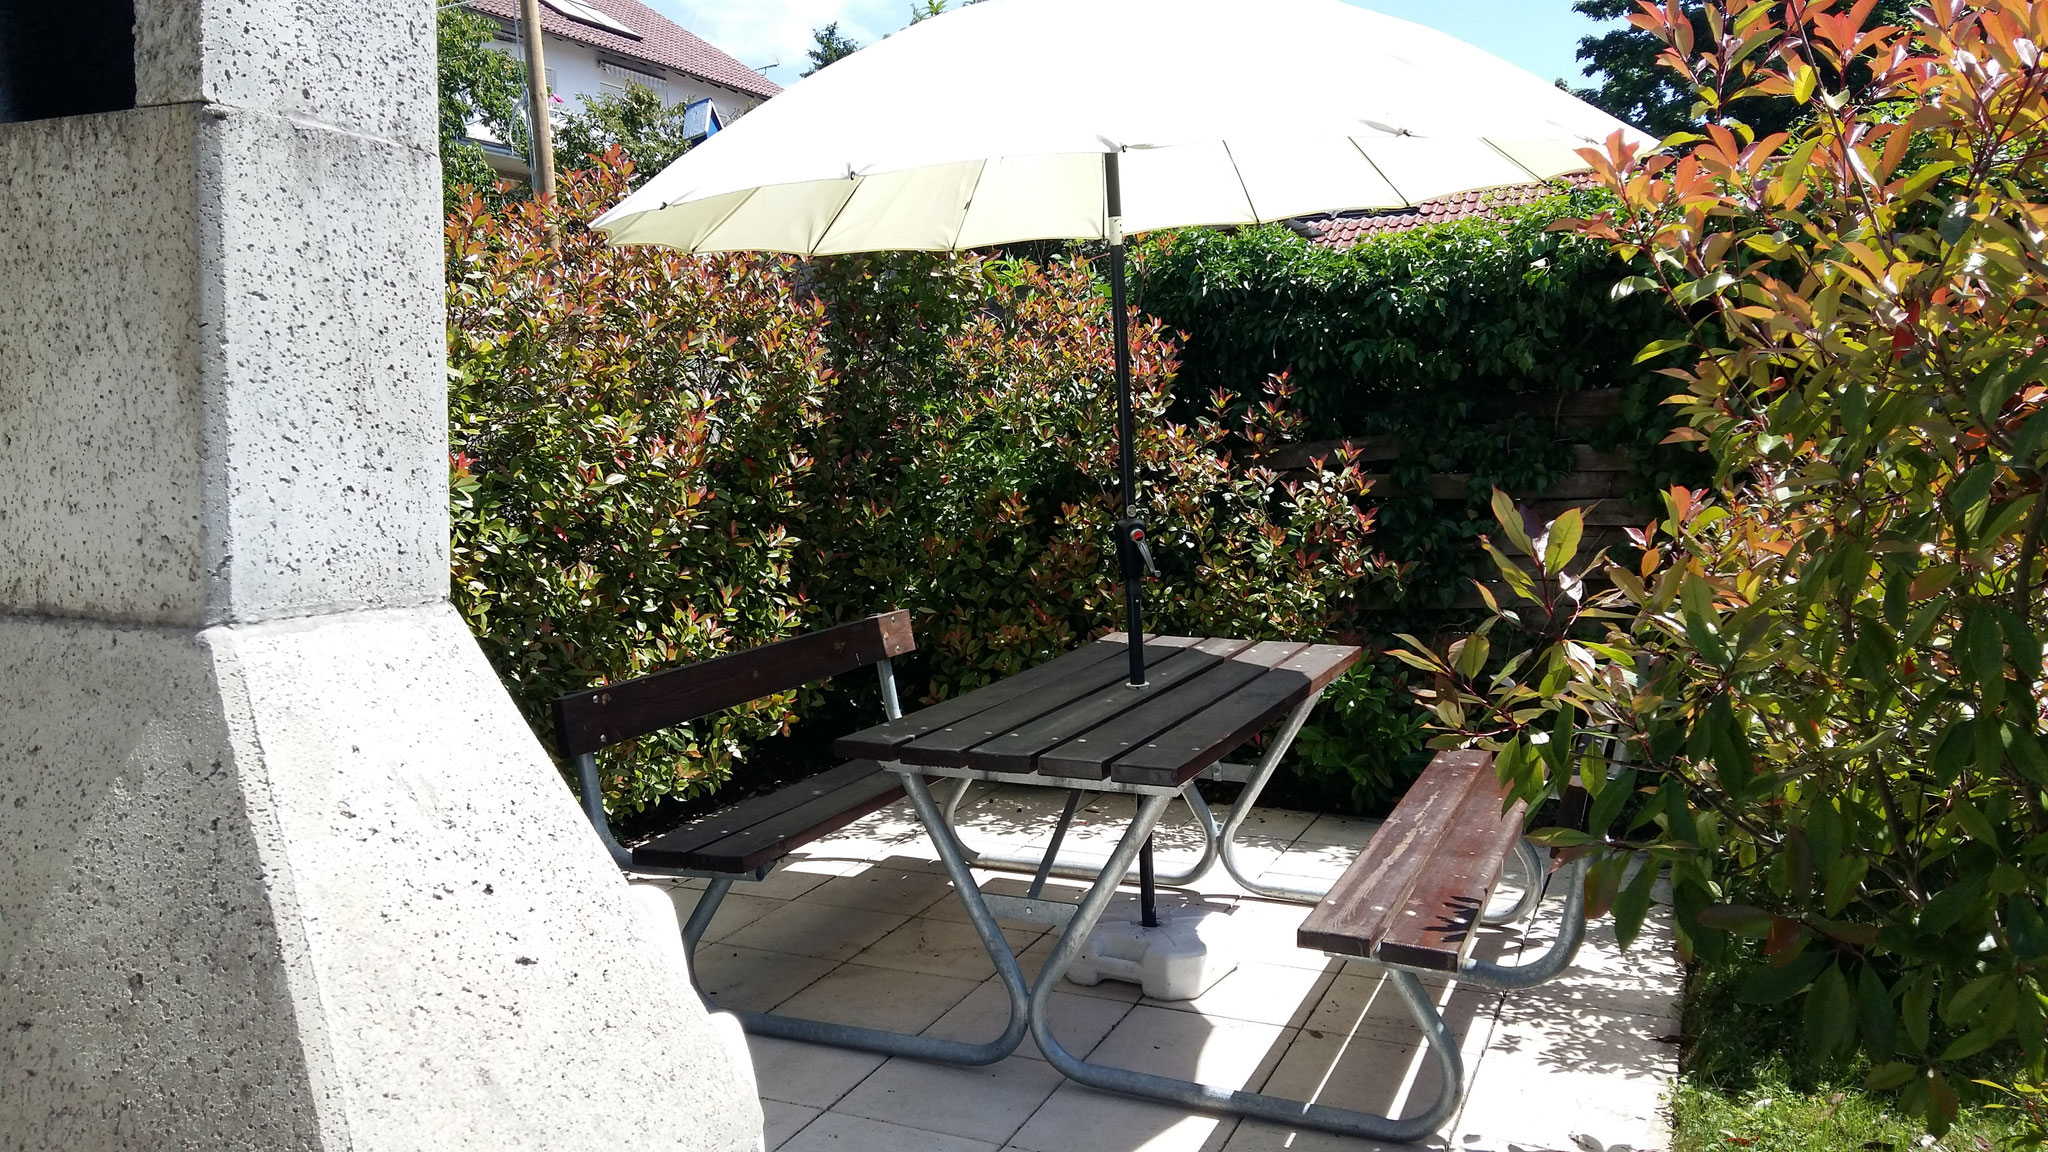 gemeinschaftlicher Grillbereich im Garten